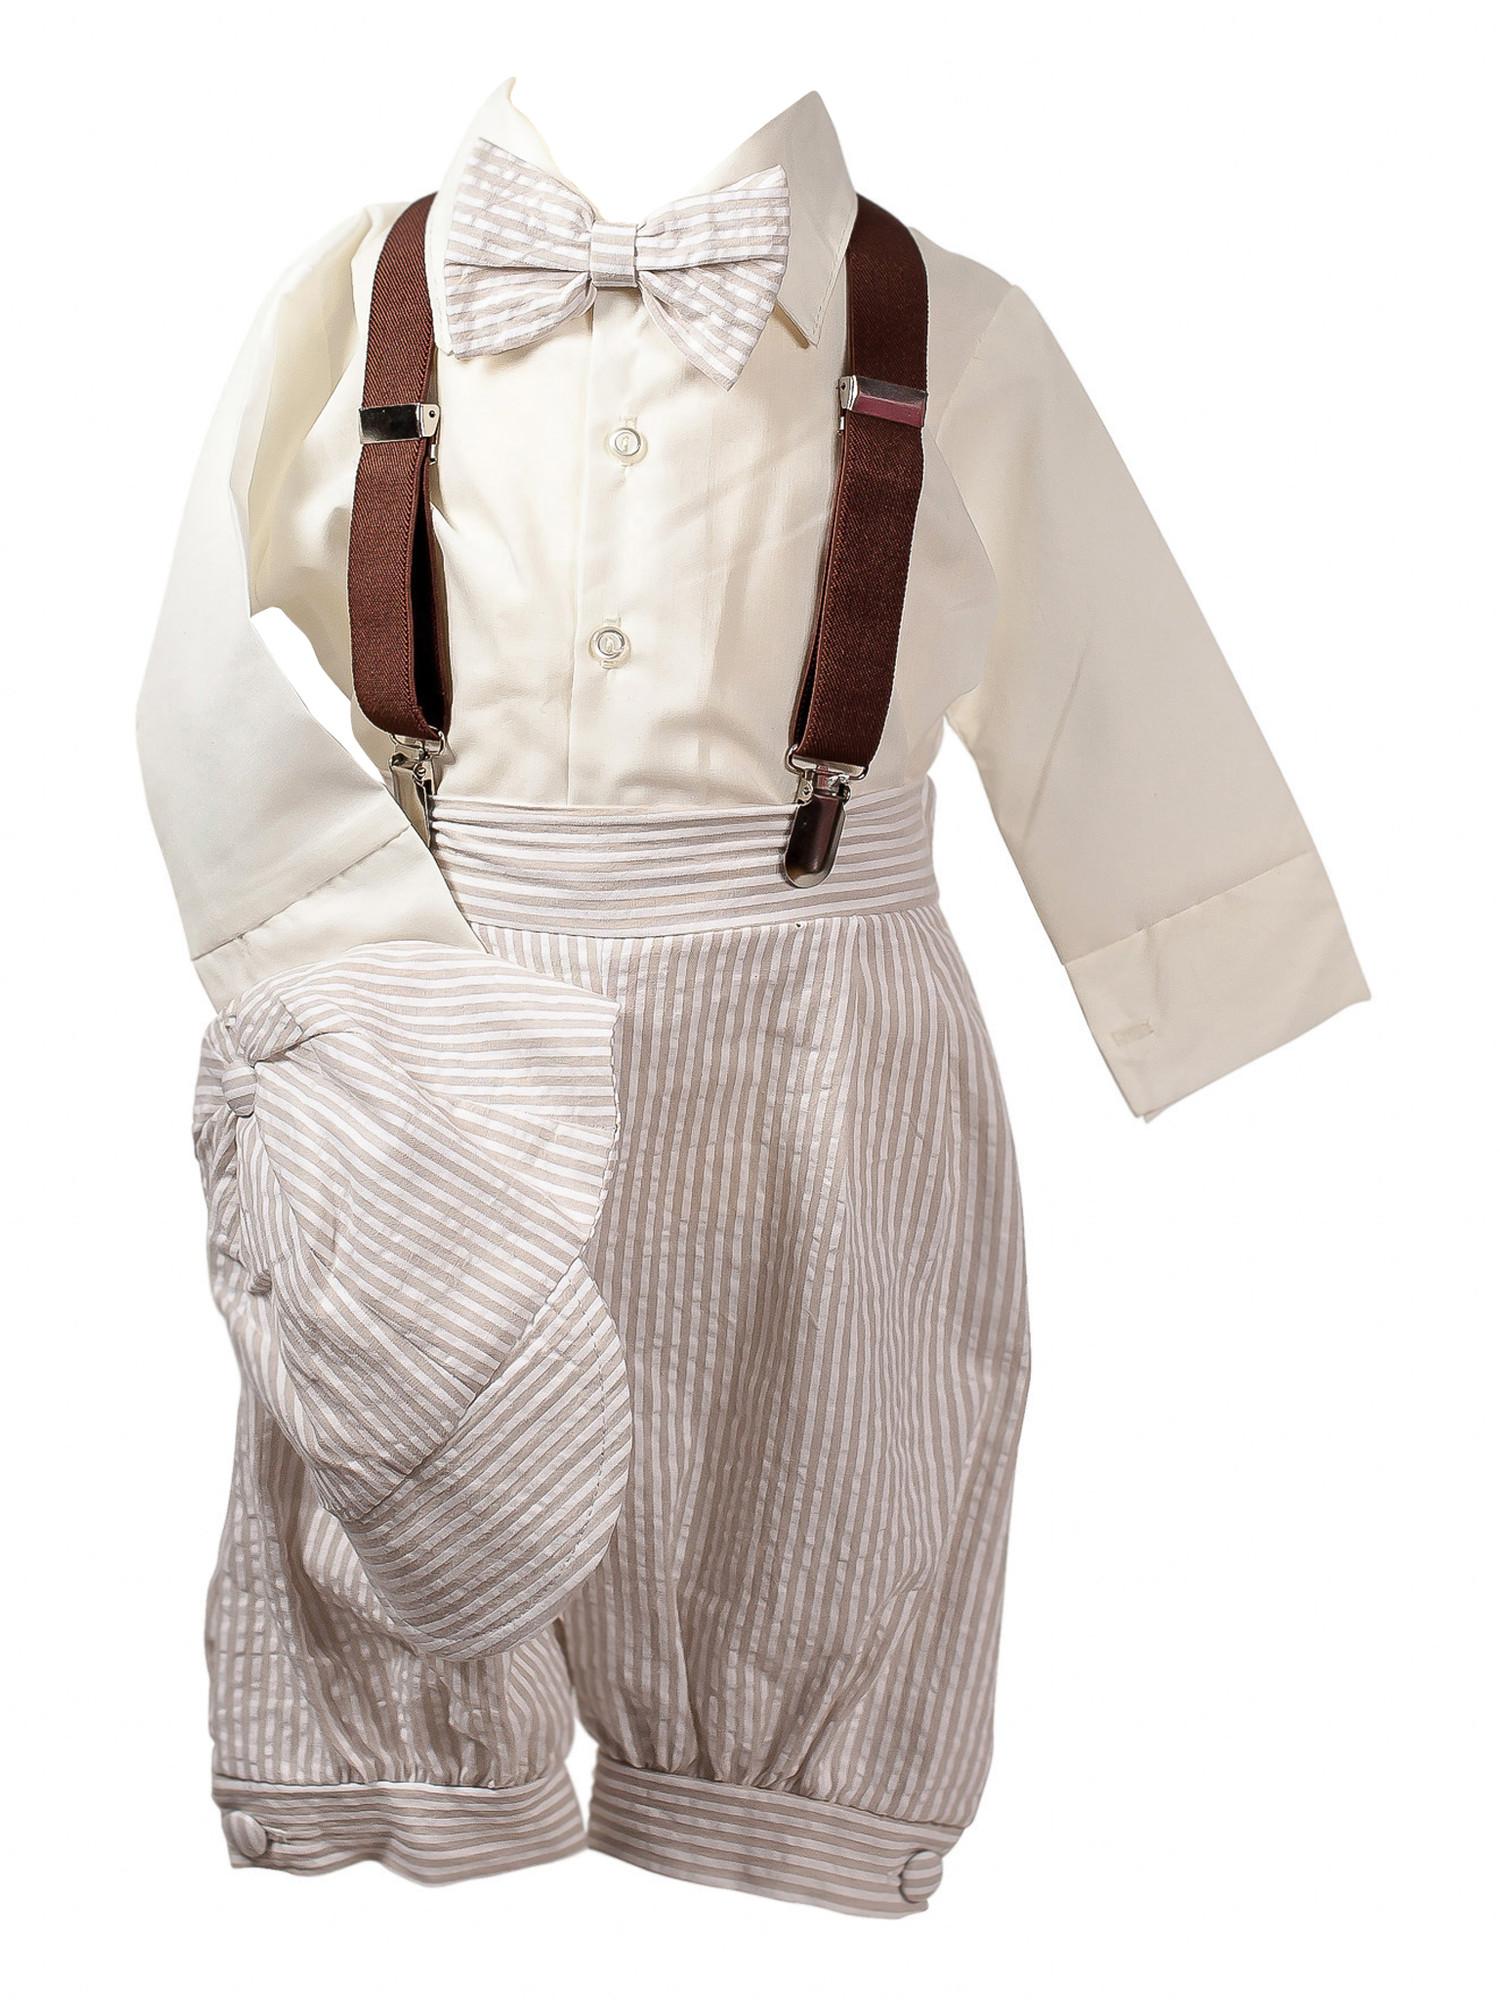 BIMARO Baby Jungen Babyanzug Carl Taufanzug Set 5teilig Anzug beige creme gestreift Hemd Fliege Cap Taufe Hochzeit